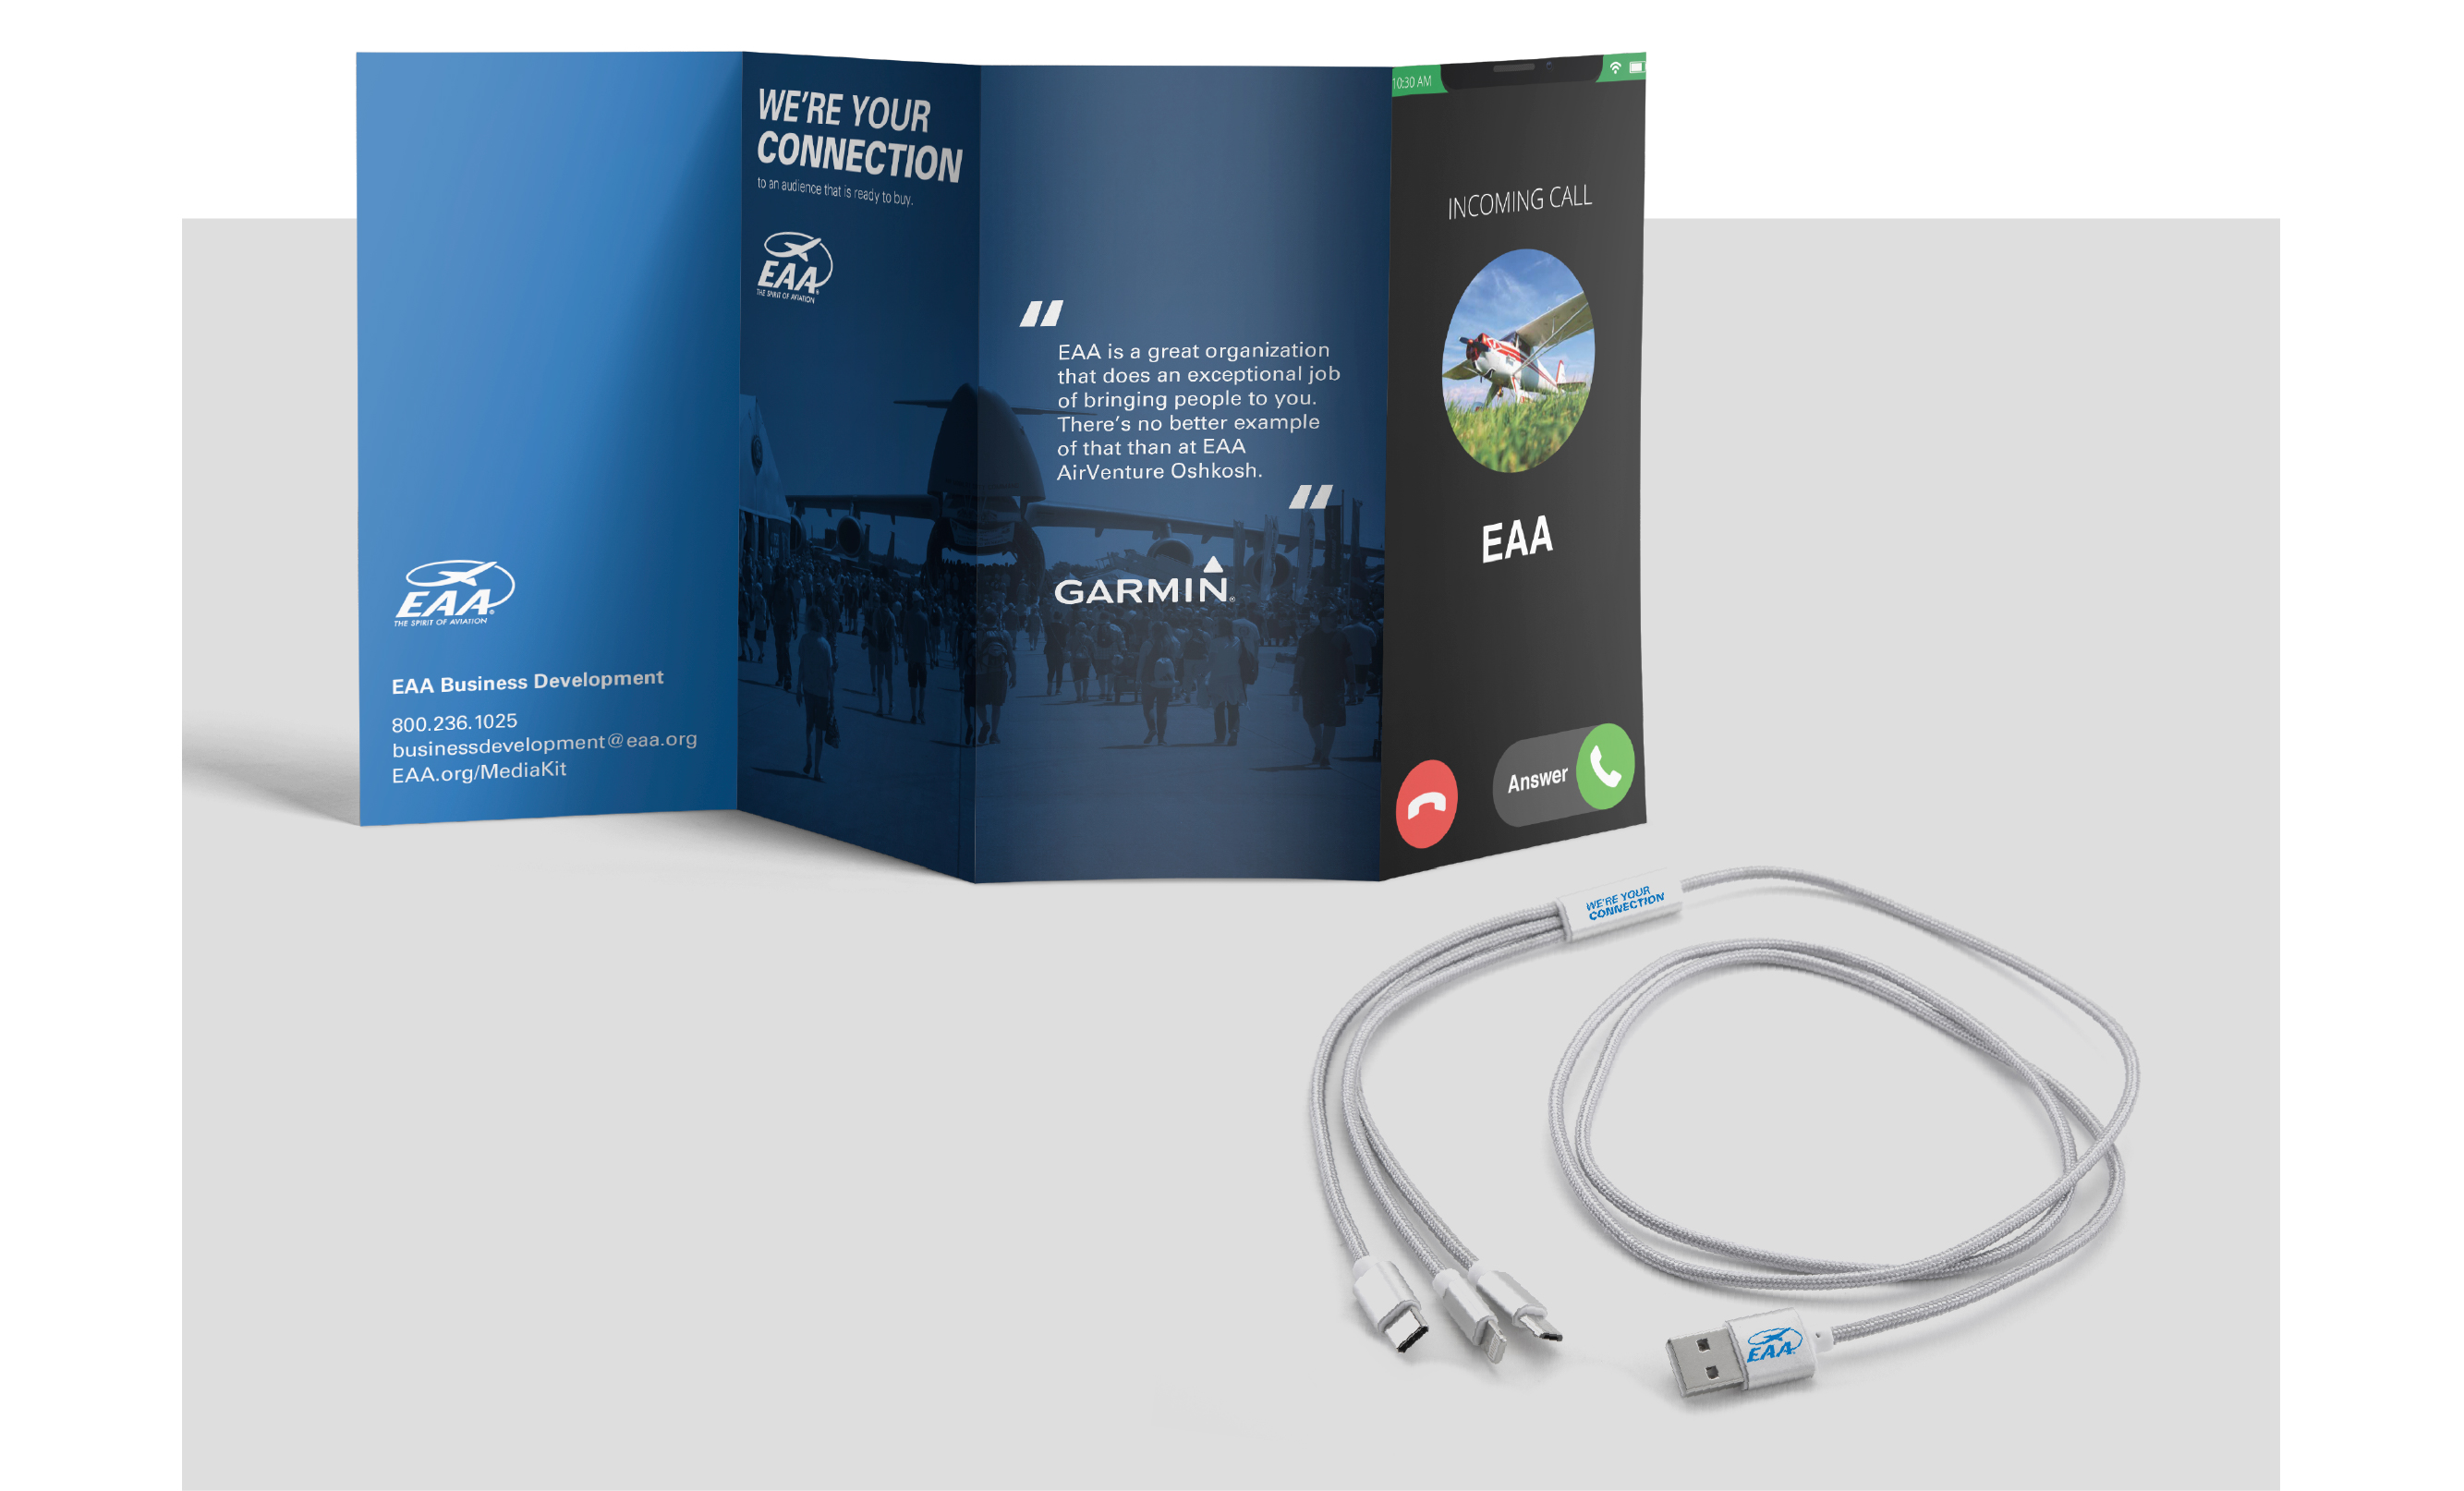 EAA brochure and phone cord